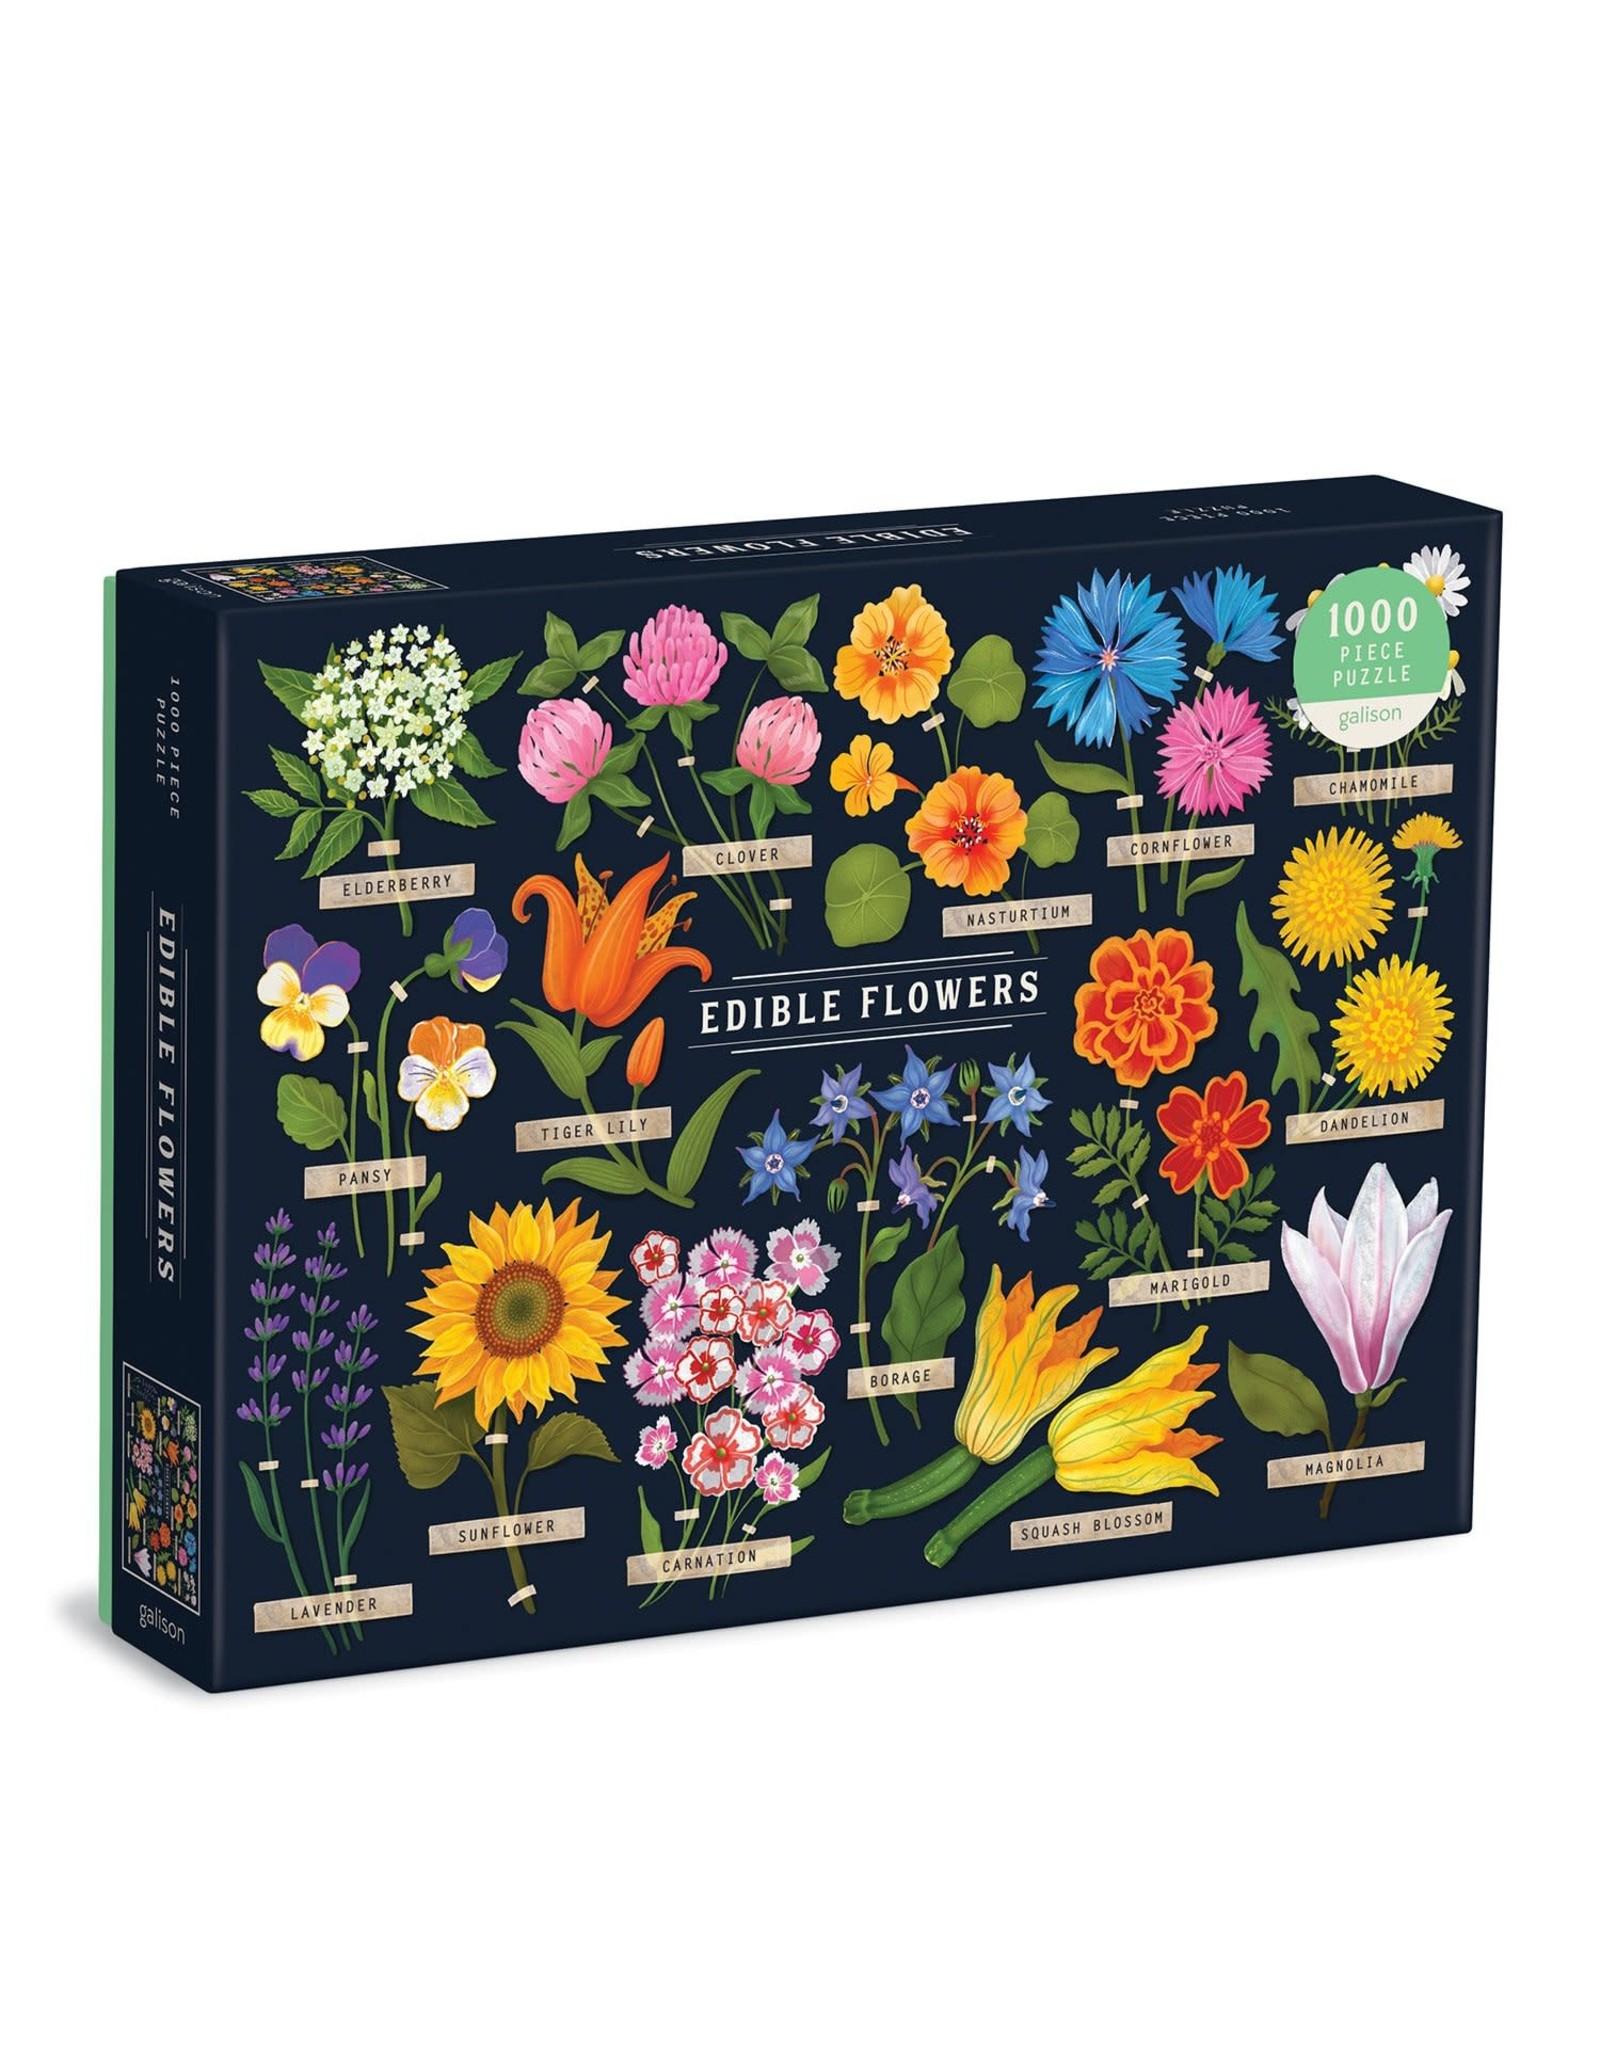 Galison Edible Flowers 1000 Piece Puzzle